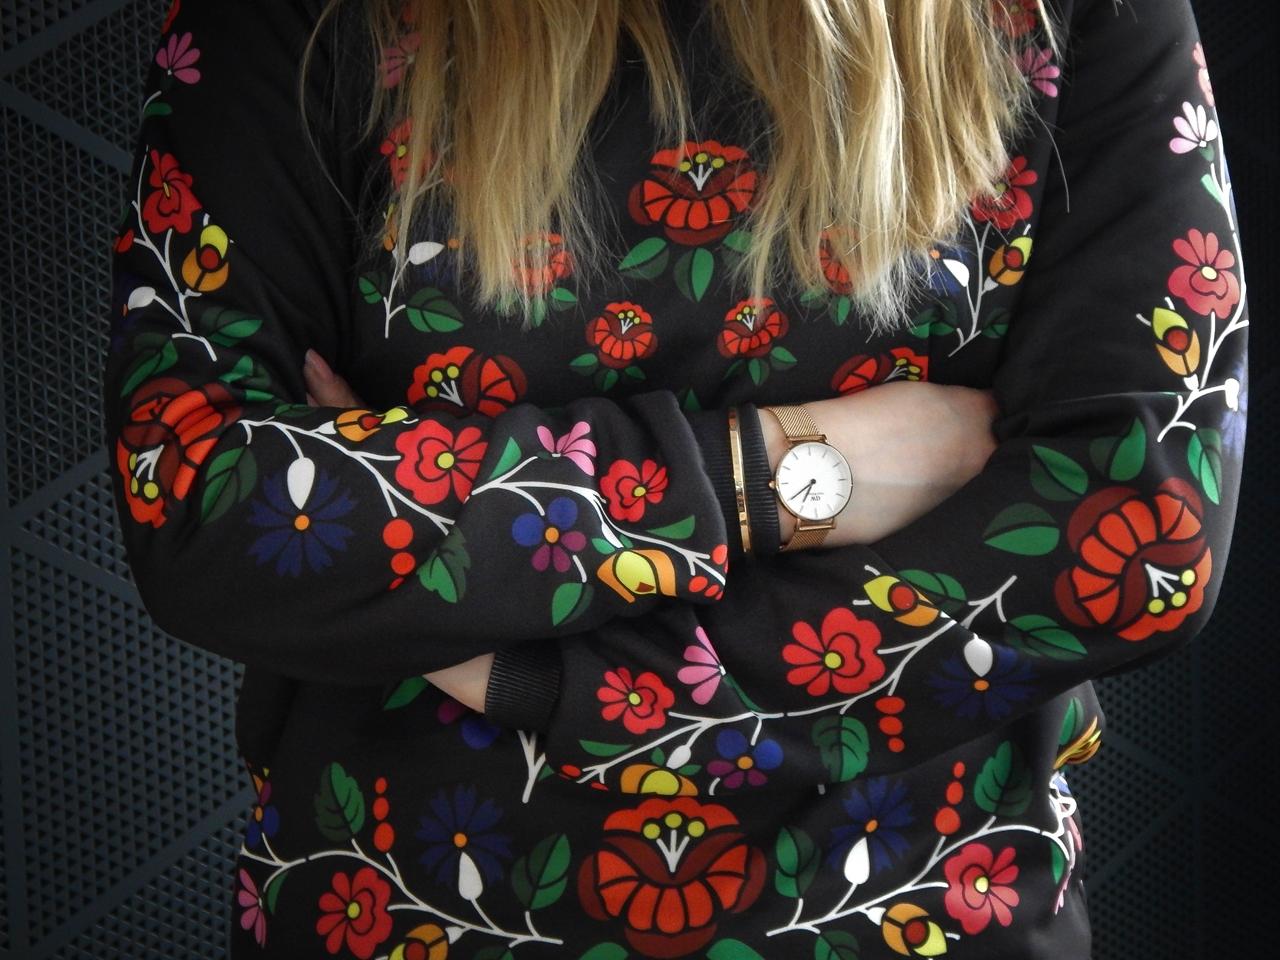 f12-2 folk by koko recenzja opinie ubrania folkowe łowickie motywy bluza góralska sukienka kodra łowicka folkowe ubrania moda ludowa pomysł na prezent fashion blog melodylaniella łódź dworzec łódź fabryczn